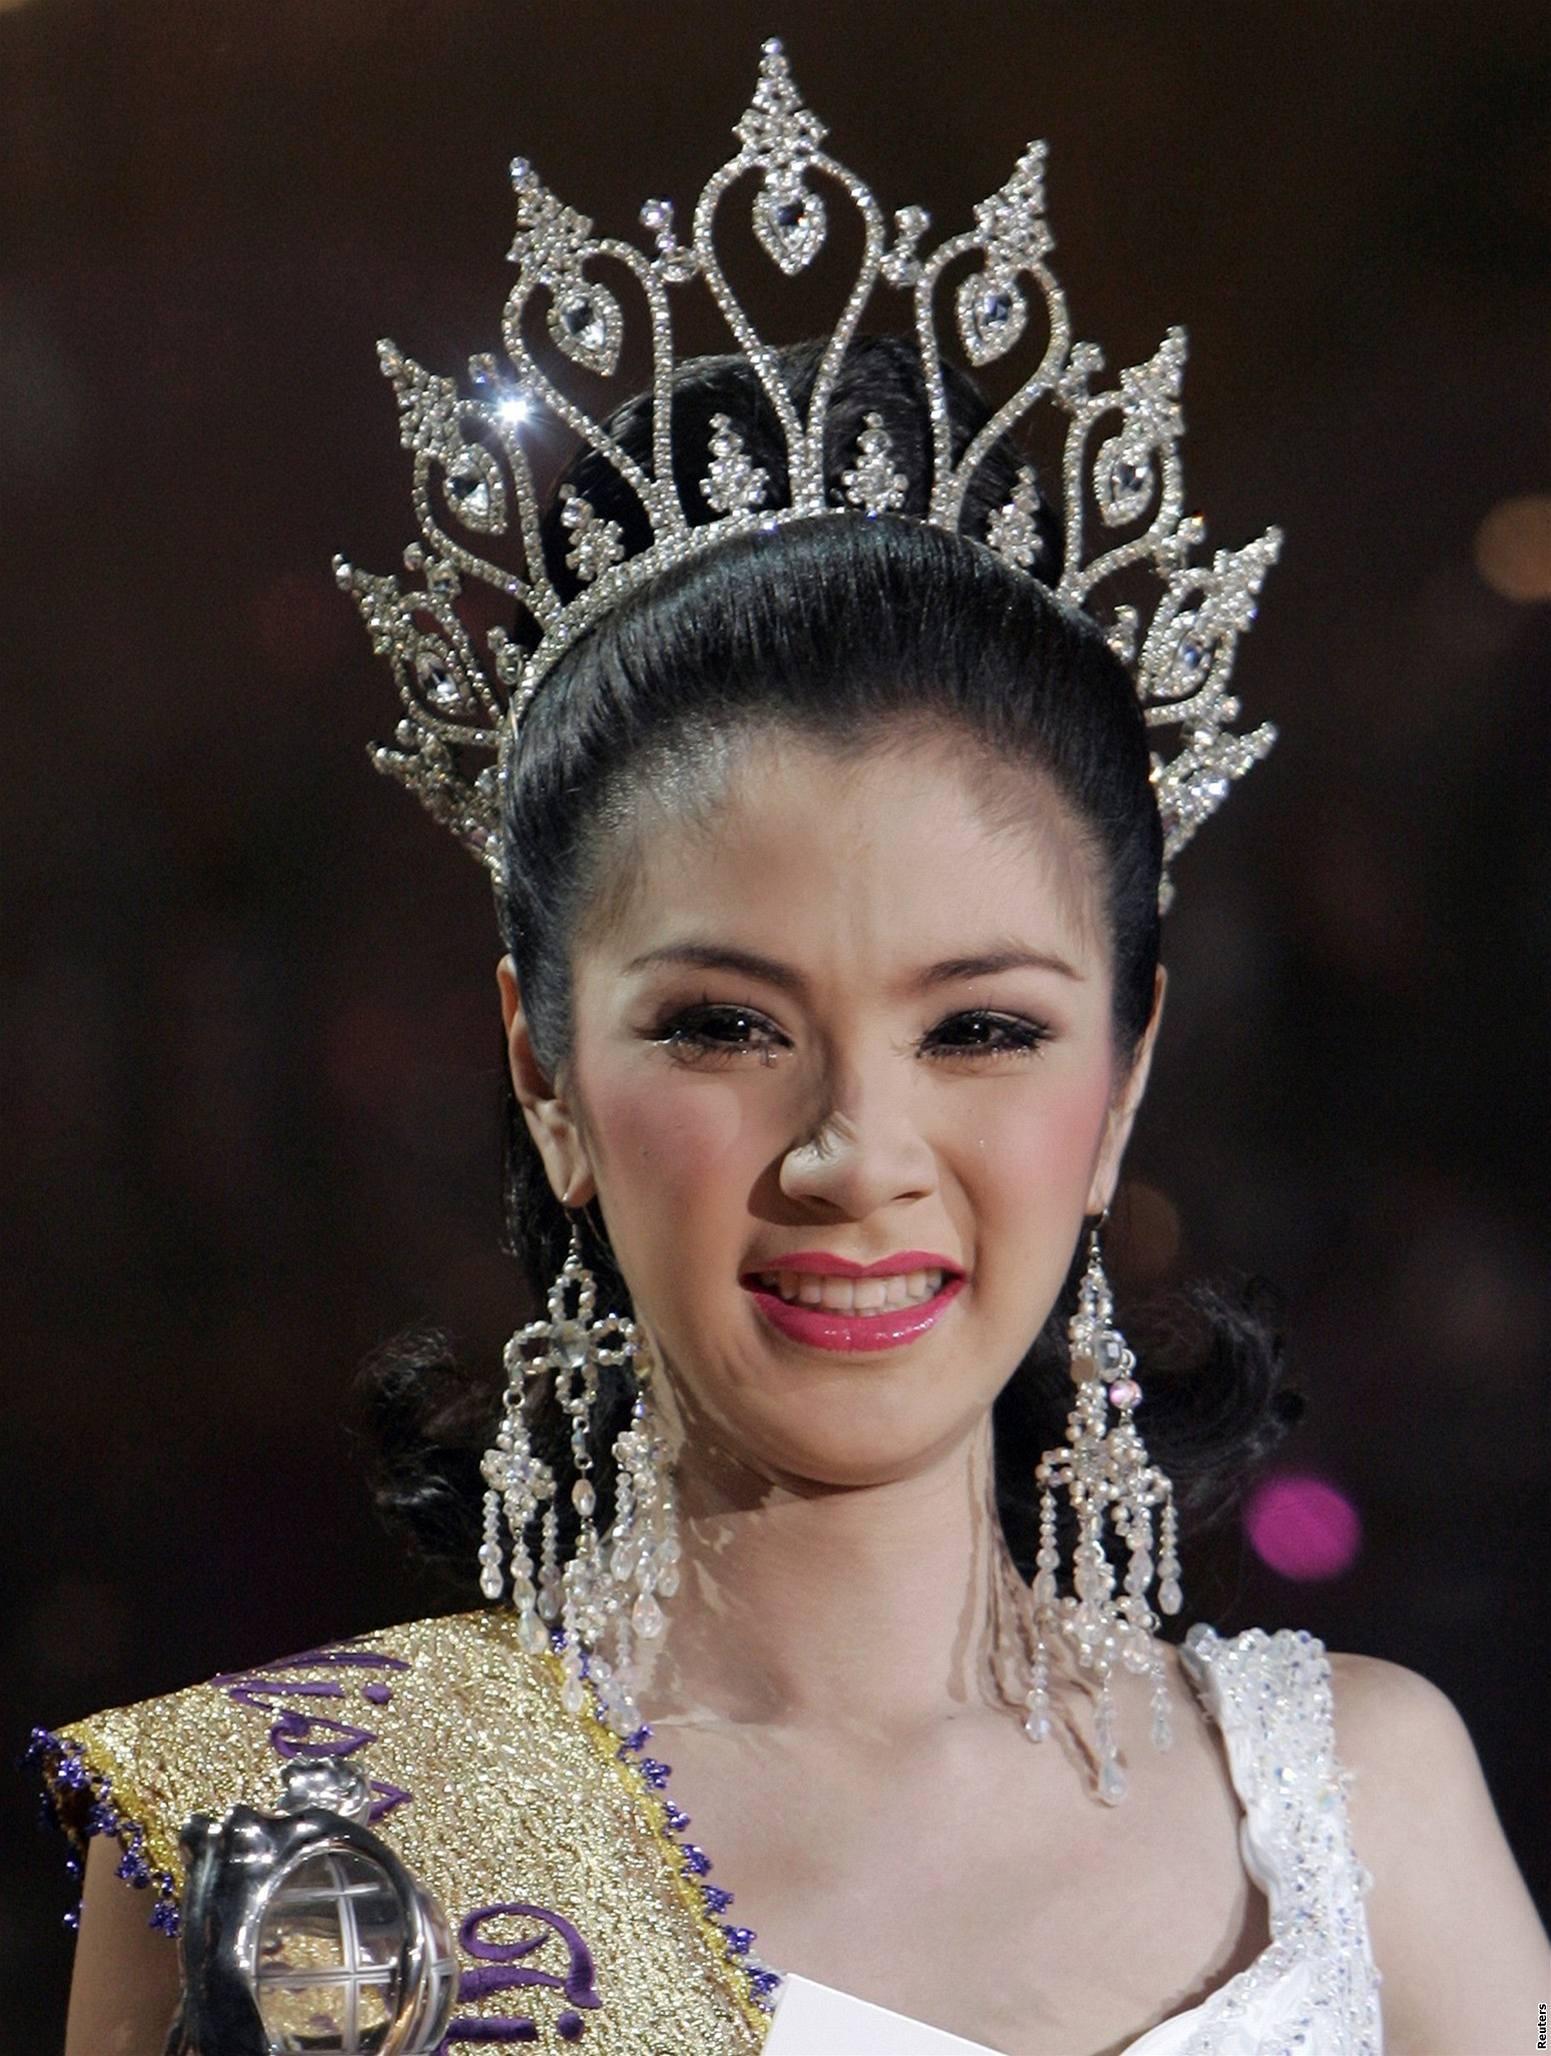 Nhan sắc Hương Giang có đủ đẹp để trở thành Hoa hậu Chuyển giới xuất sắc nhất lịch sử?-5